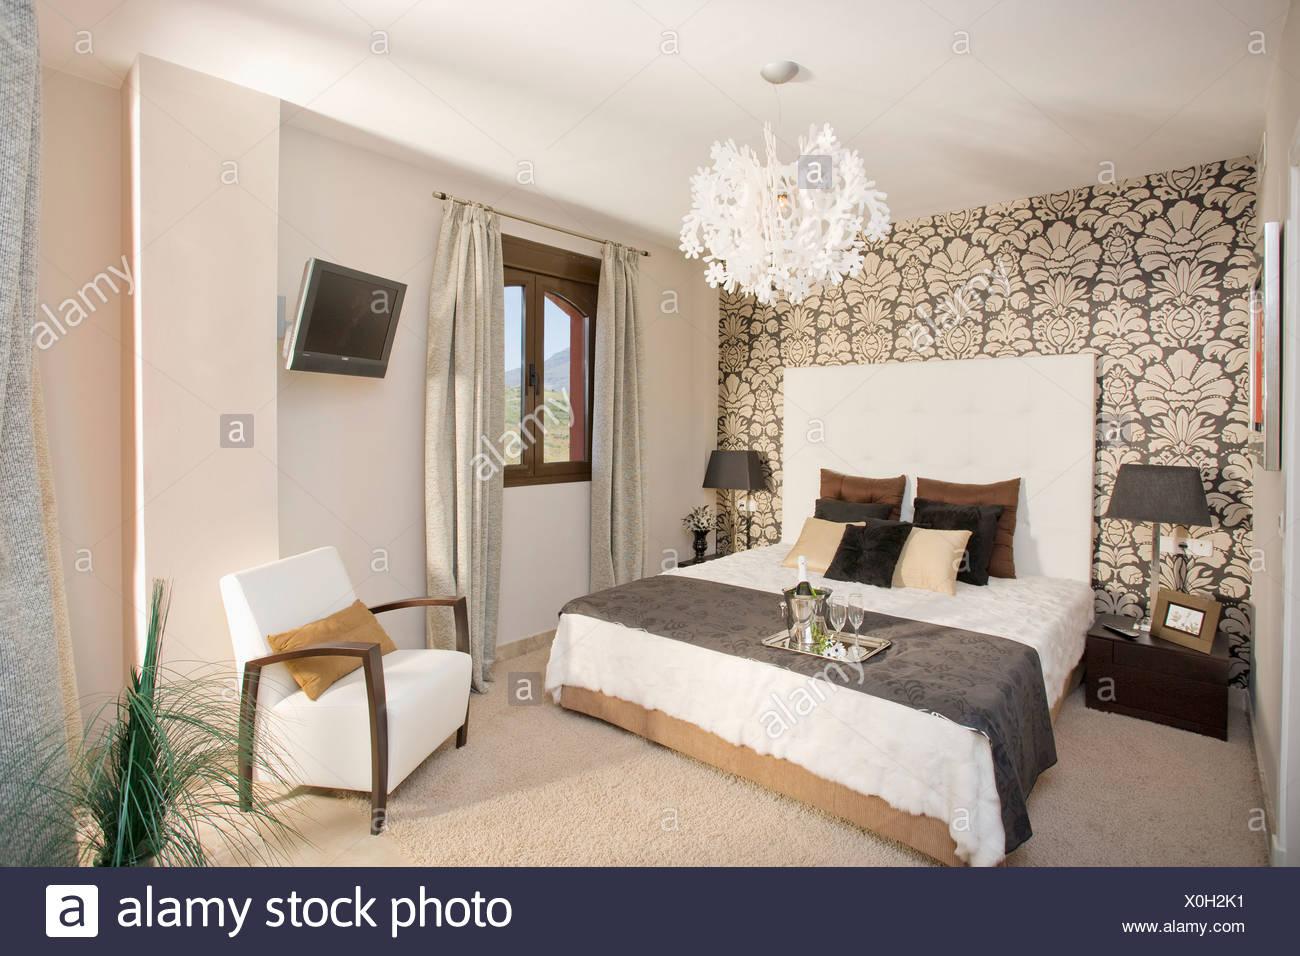 Schwarz / weiß gemusterten Tapeten an Wand hinter dem Bett mit ...